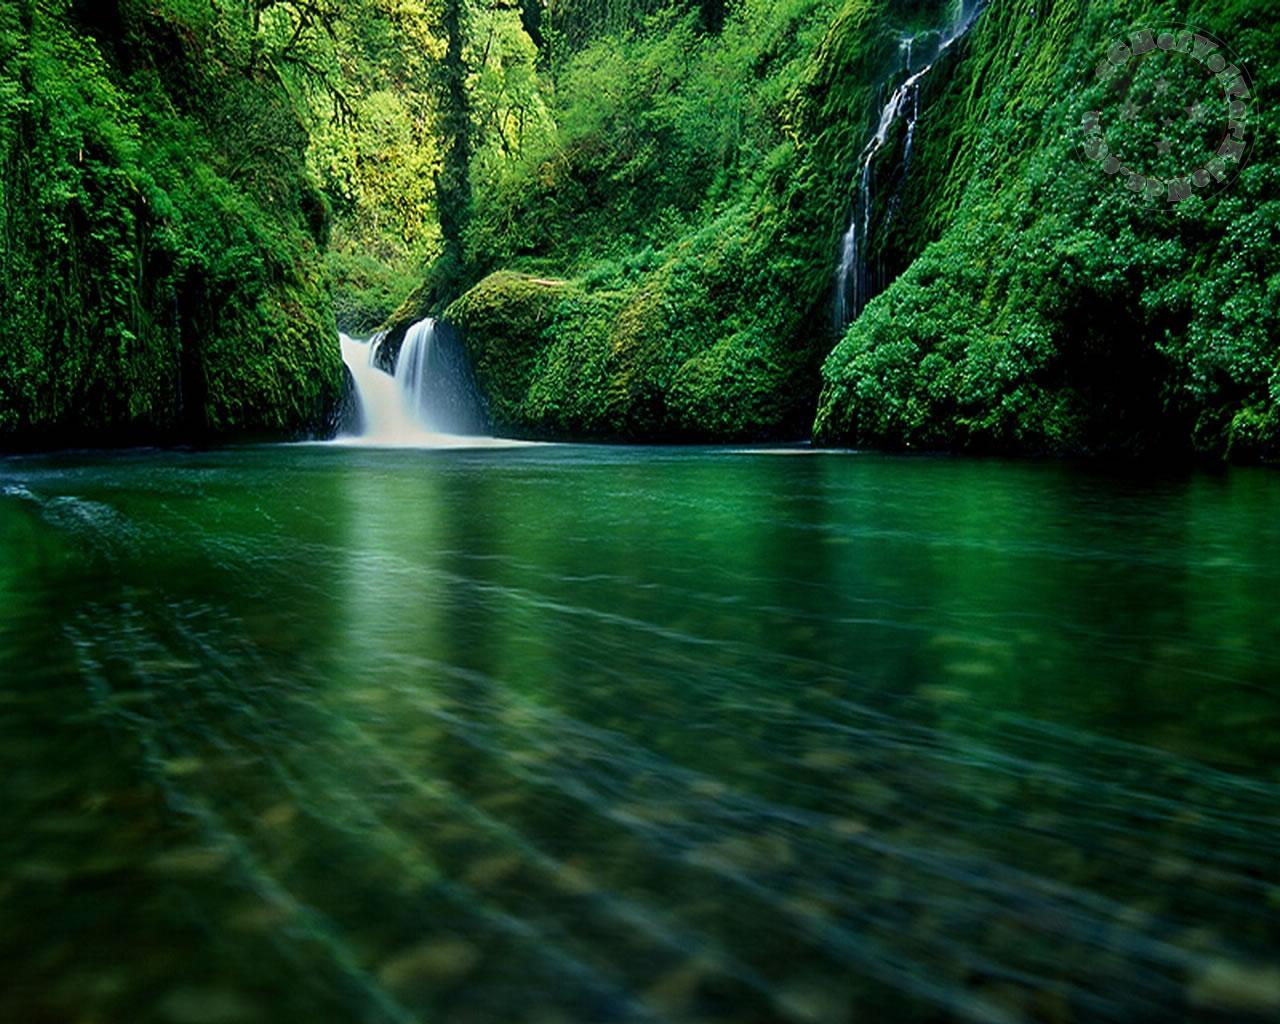 http://4.bp.blogspot.com/-VPxSGGEp9aA/TVcJp3uQMlI/AAAAAAAAABc/mJLk5V46ZSU/s1600/paisagem_001.jpg